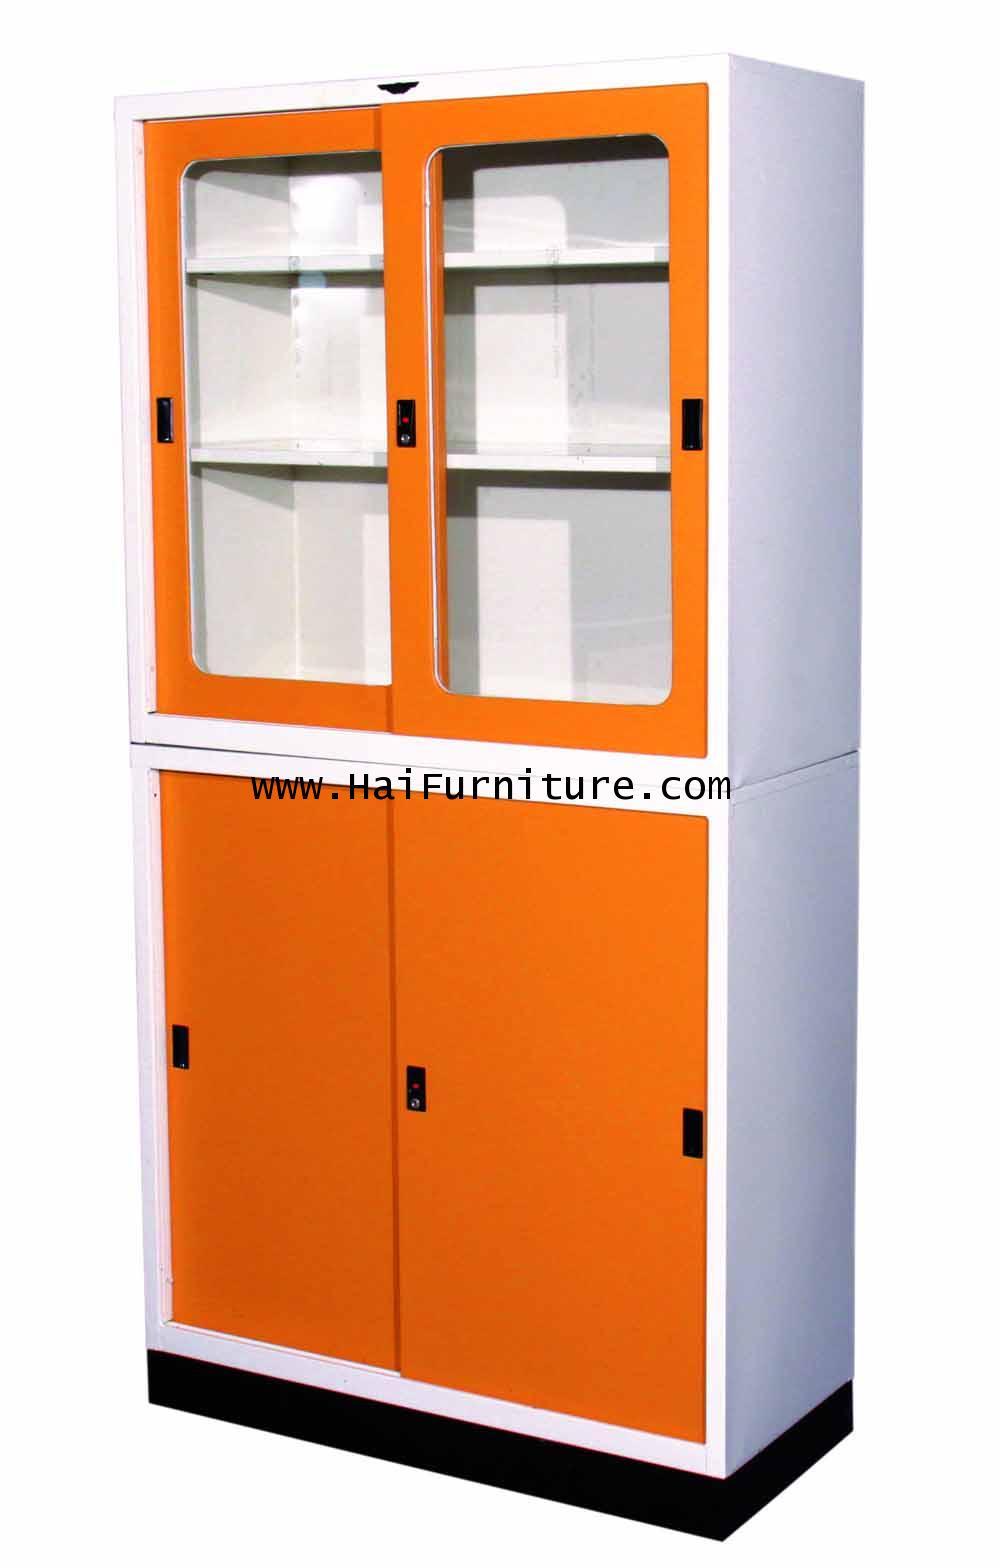 ชุดตู้บานเลื่อน 3 ฟุต Elegant 91.4*40.6*185.6 ซม.